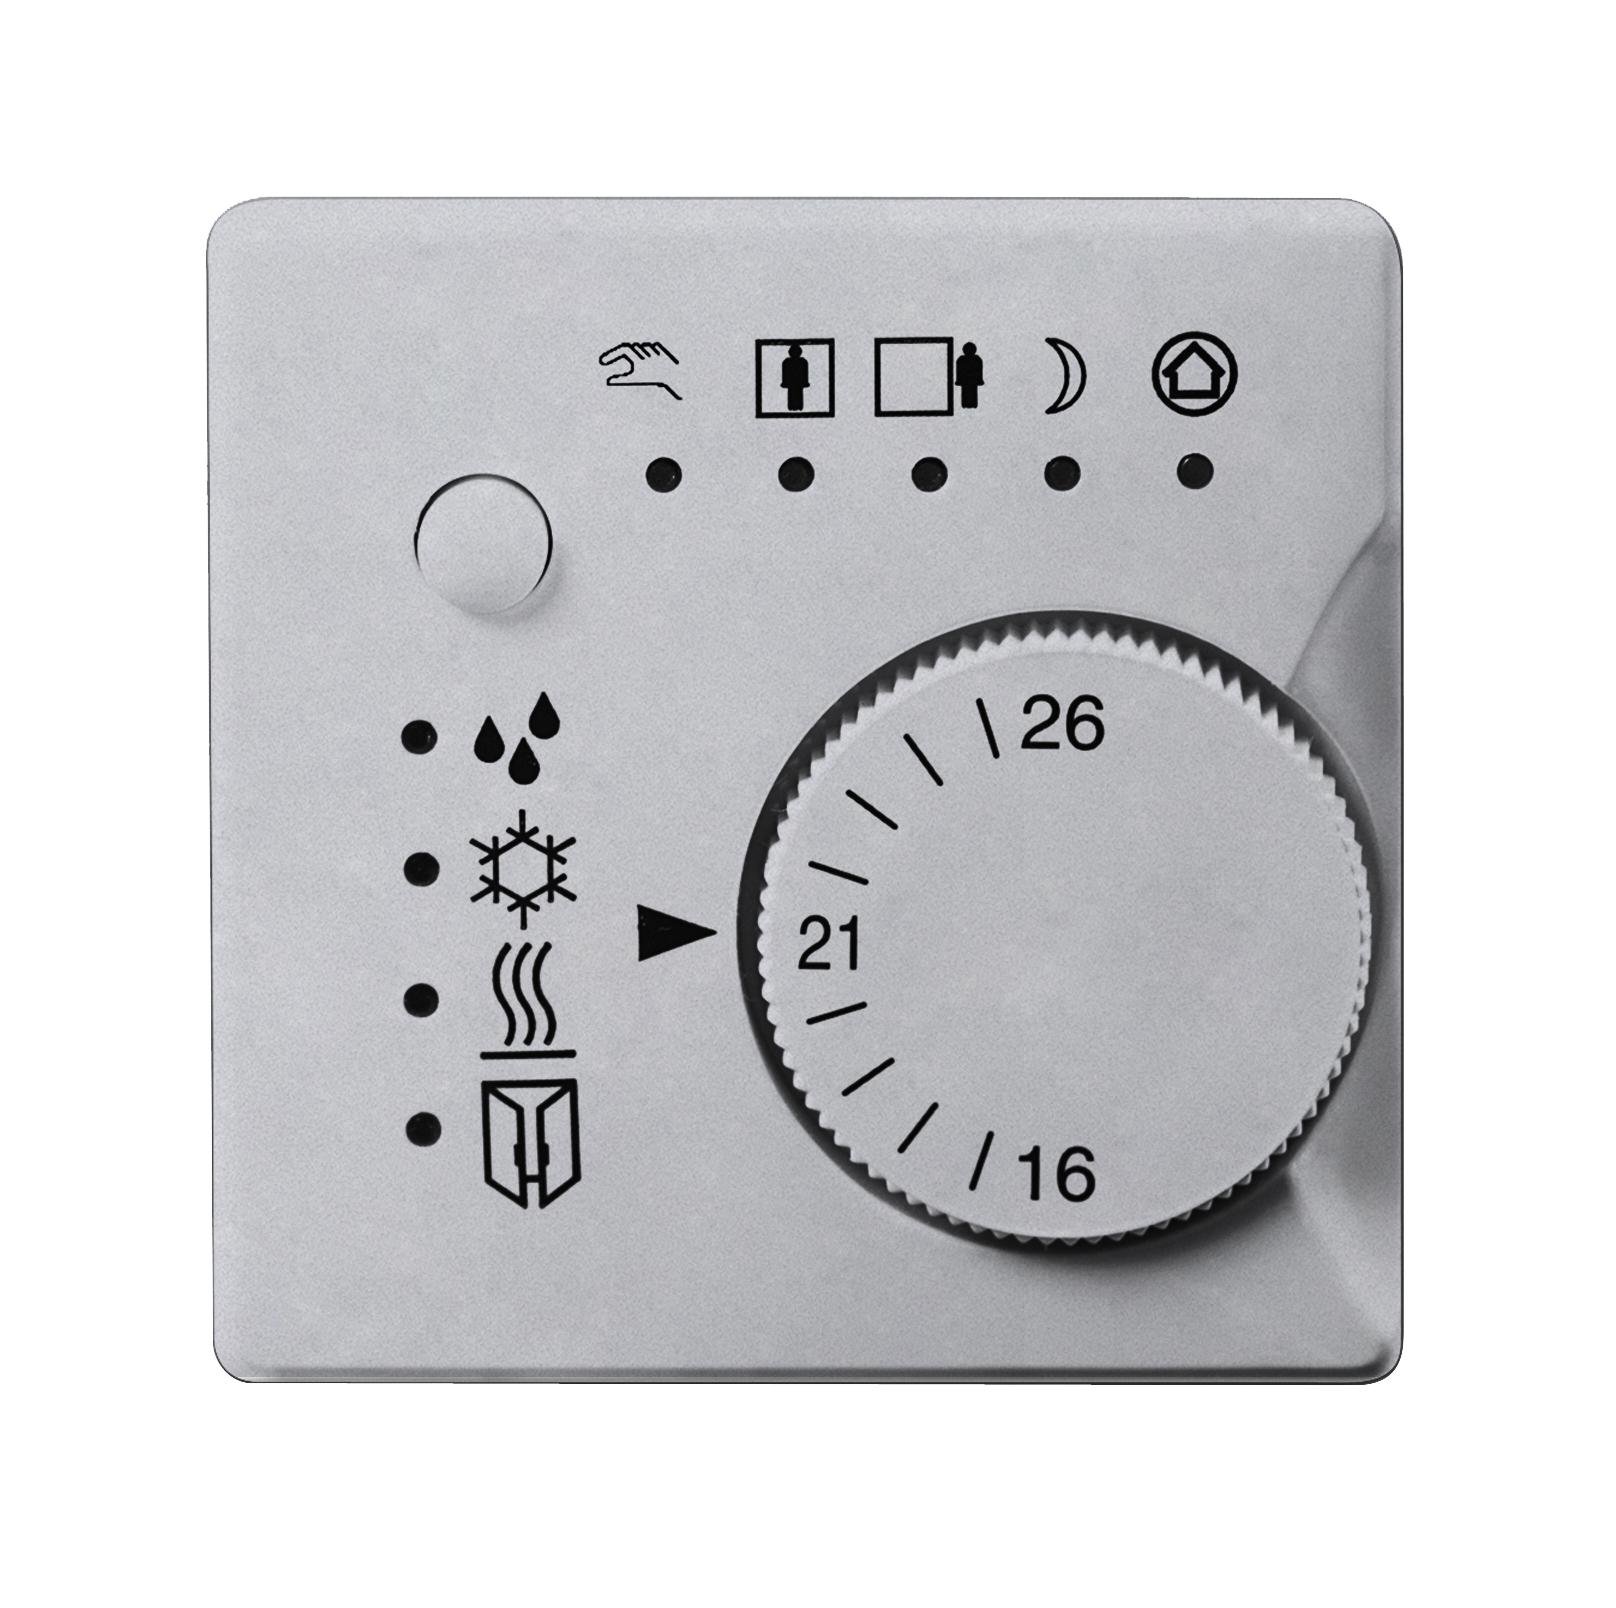 1 Stk Raumtemperaturregler, aluminiummetallic KX2372KB31